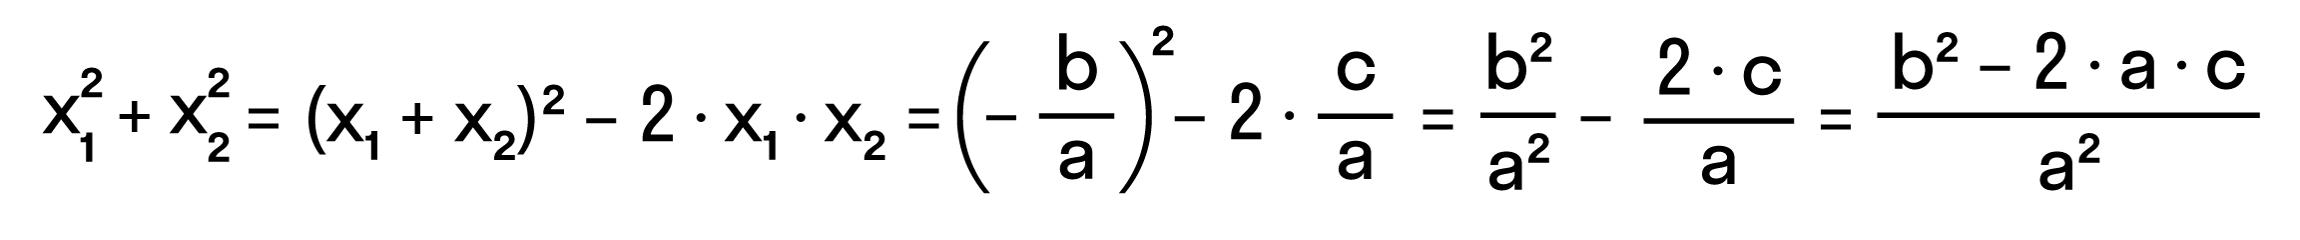 выражение суммы квадратов корней квадратного уравнения через его коэффициенты